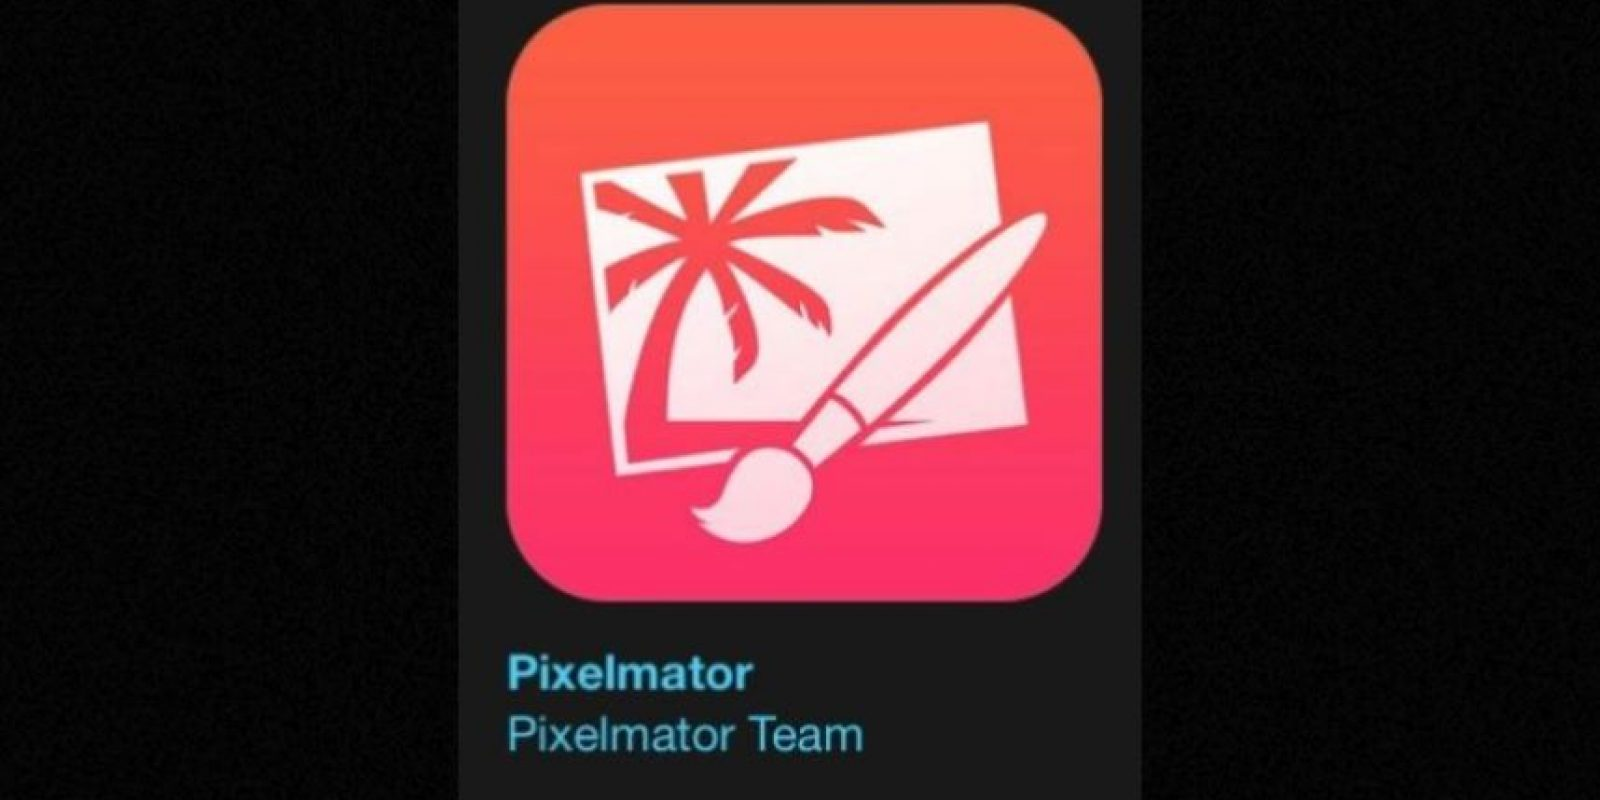 """15- """"Pixelmator"""". Cuesta cinco dólares y se trata de un editor de imagen que proporciona todo lo necesario para crear, editar y mejorar sus imágenes. Foto:Apple"""